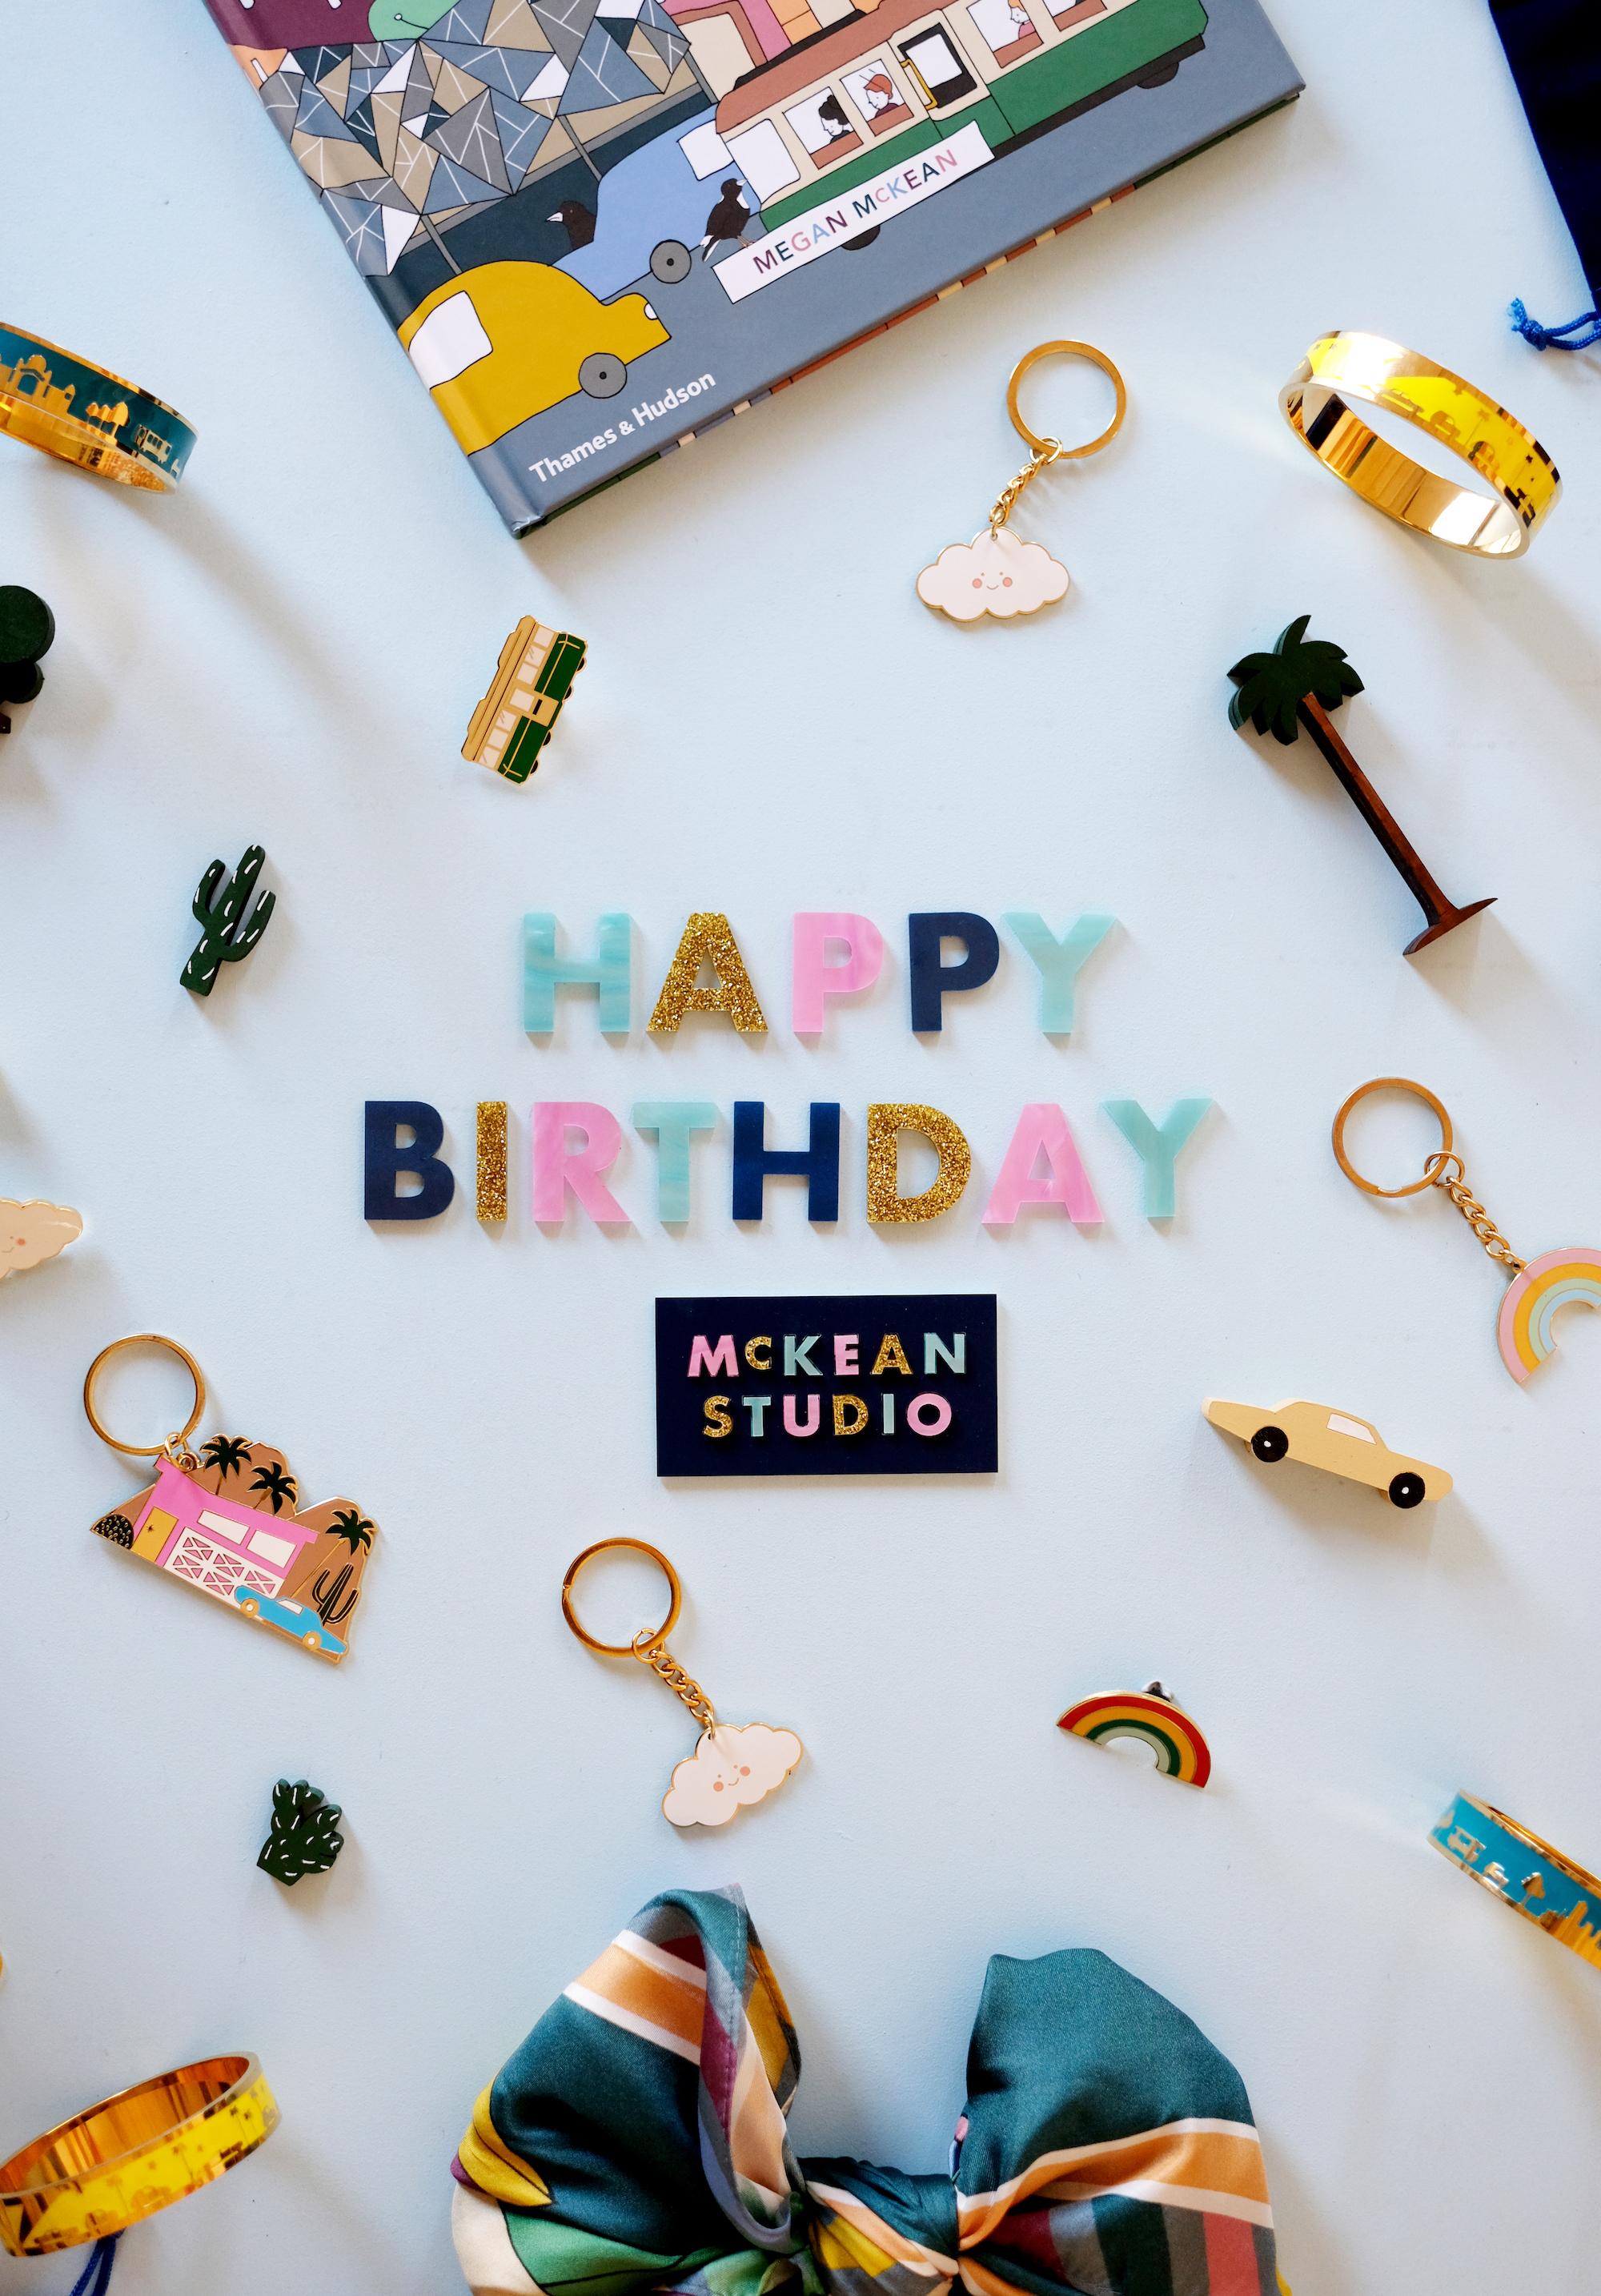 mckeanstudio_birthday.JPG